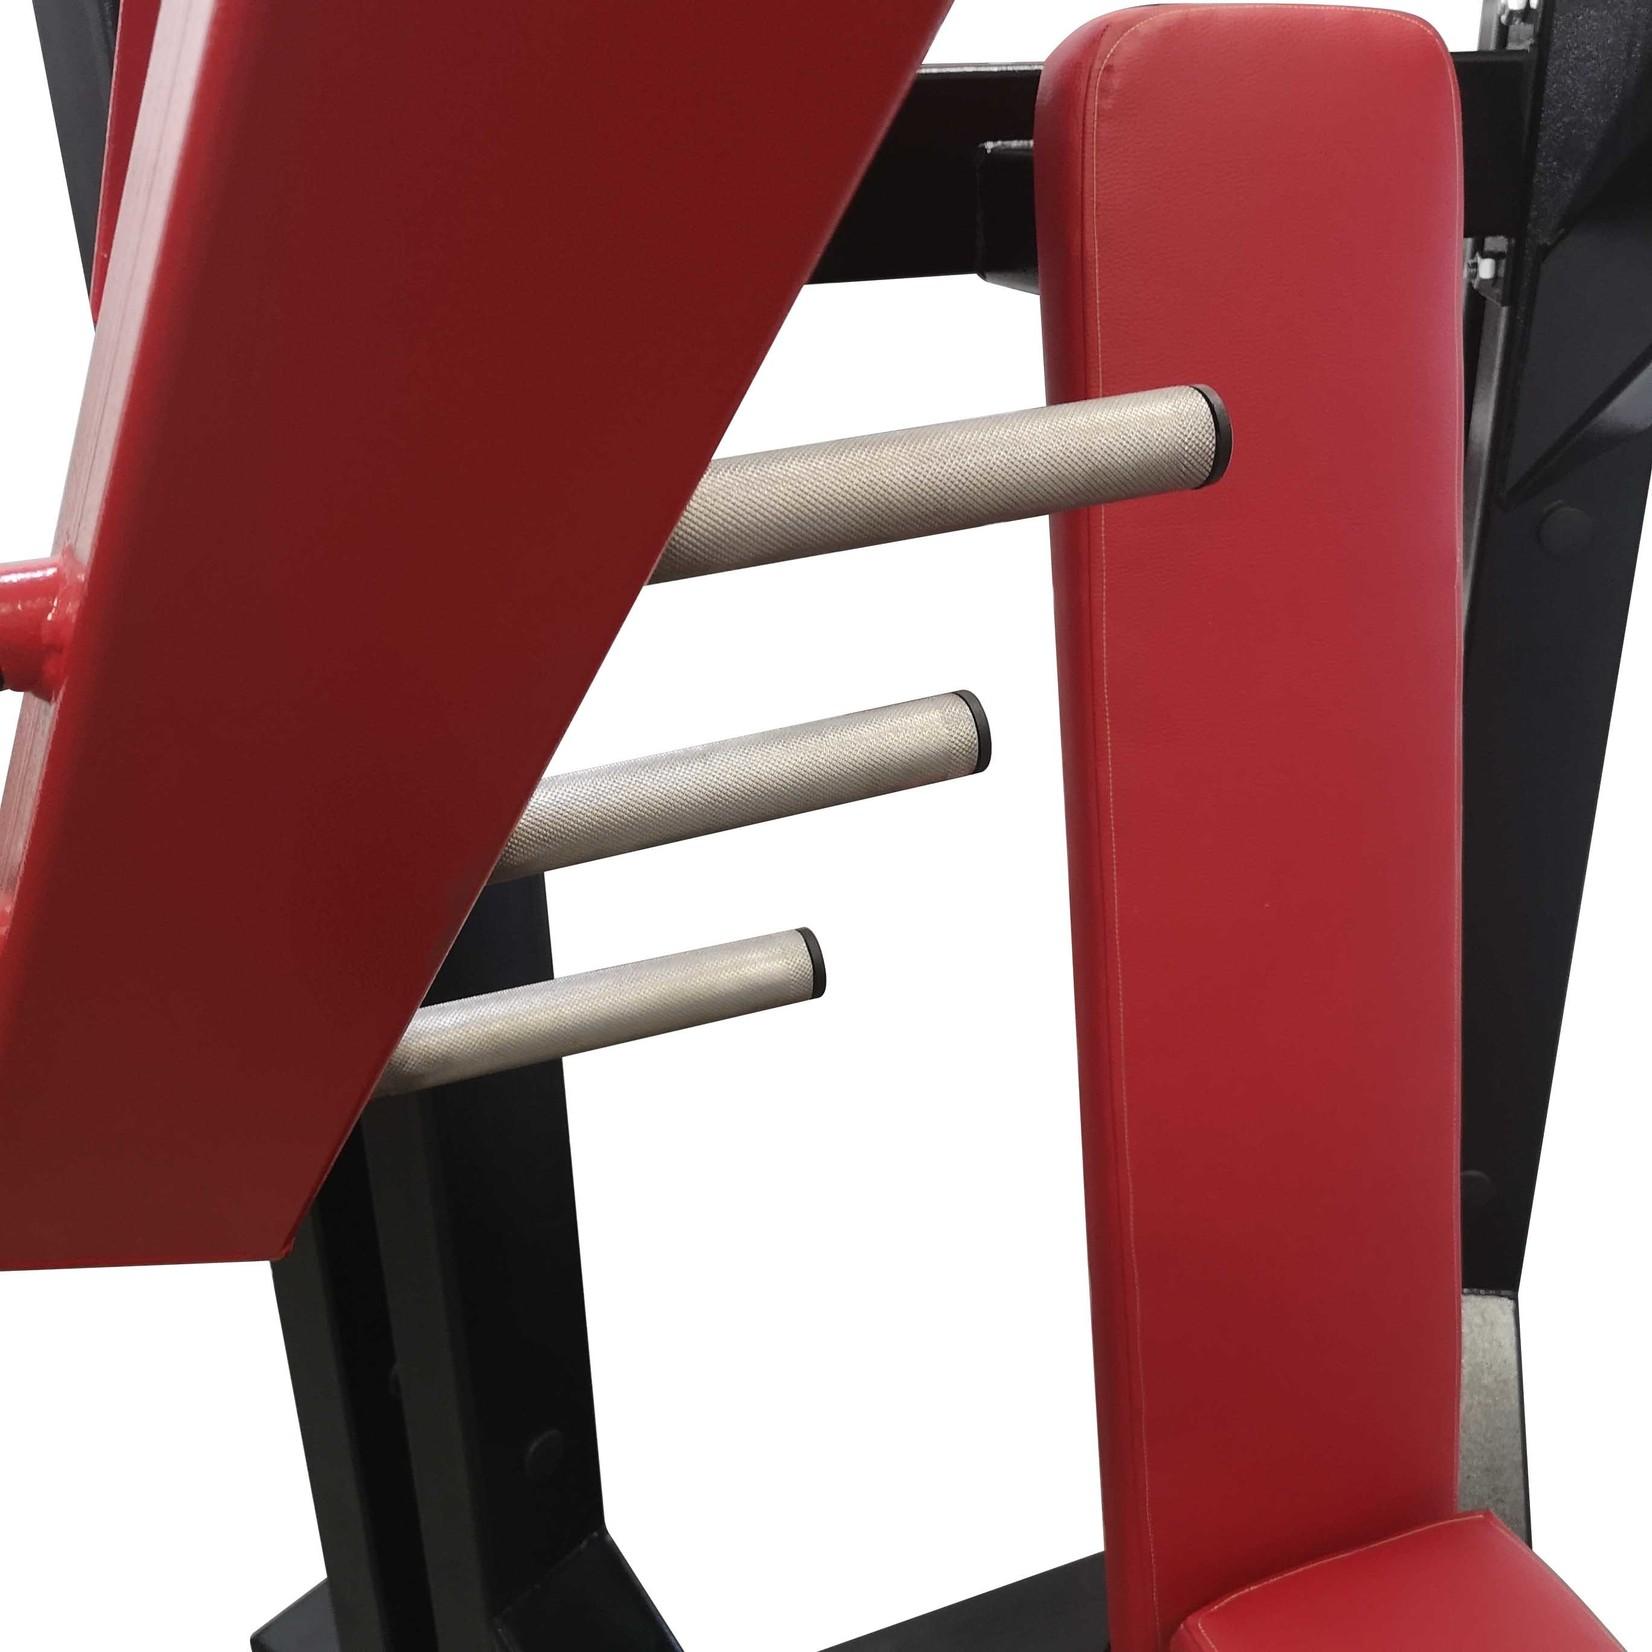 Sitting Chest Press Machine 6AXX2